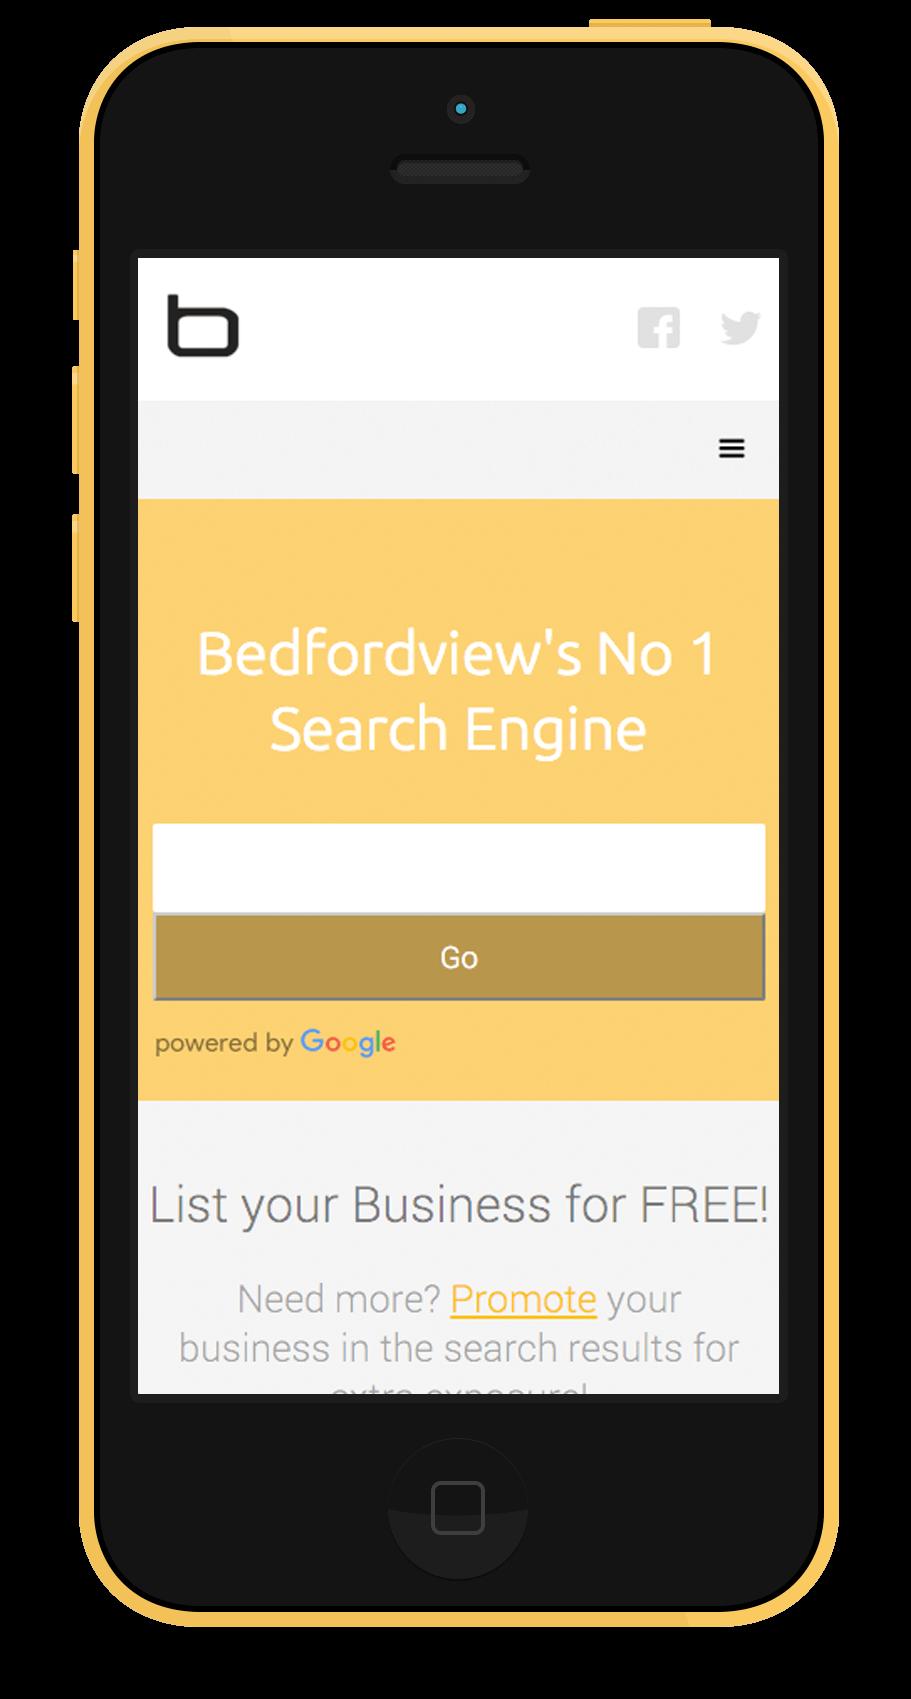 Bedfordview Phone Image